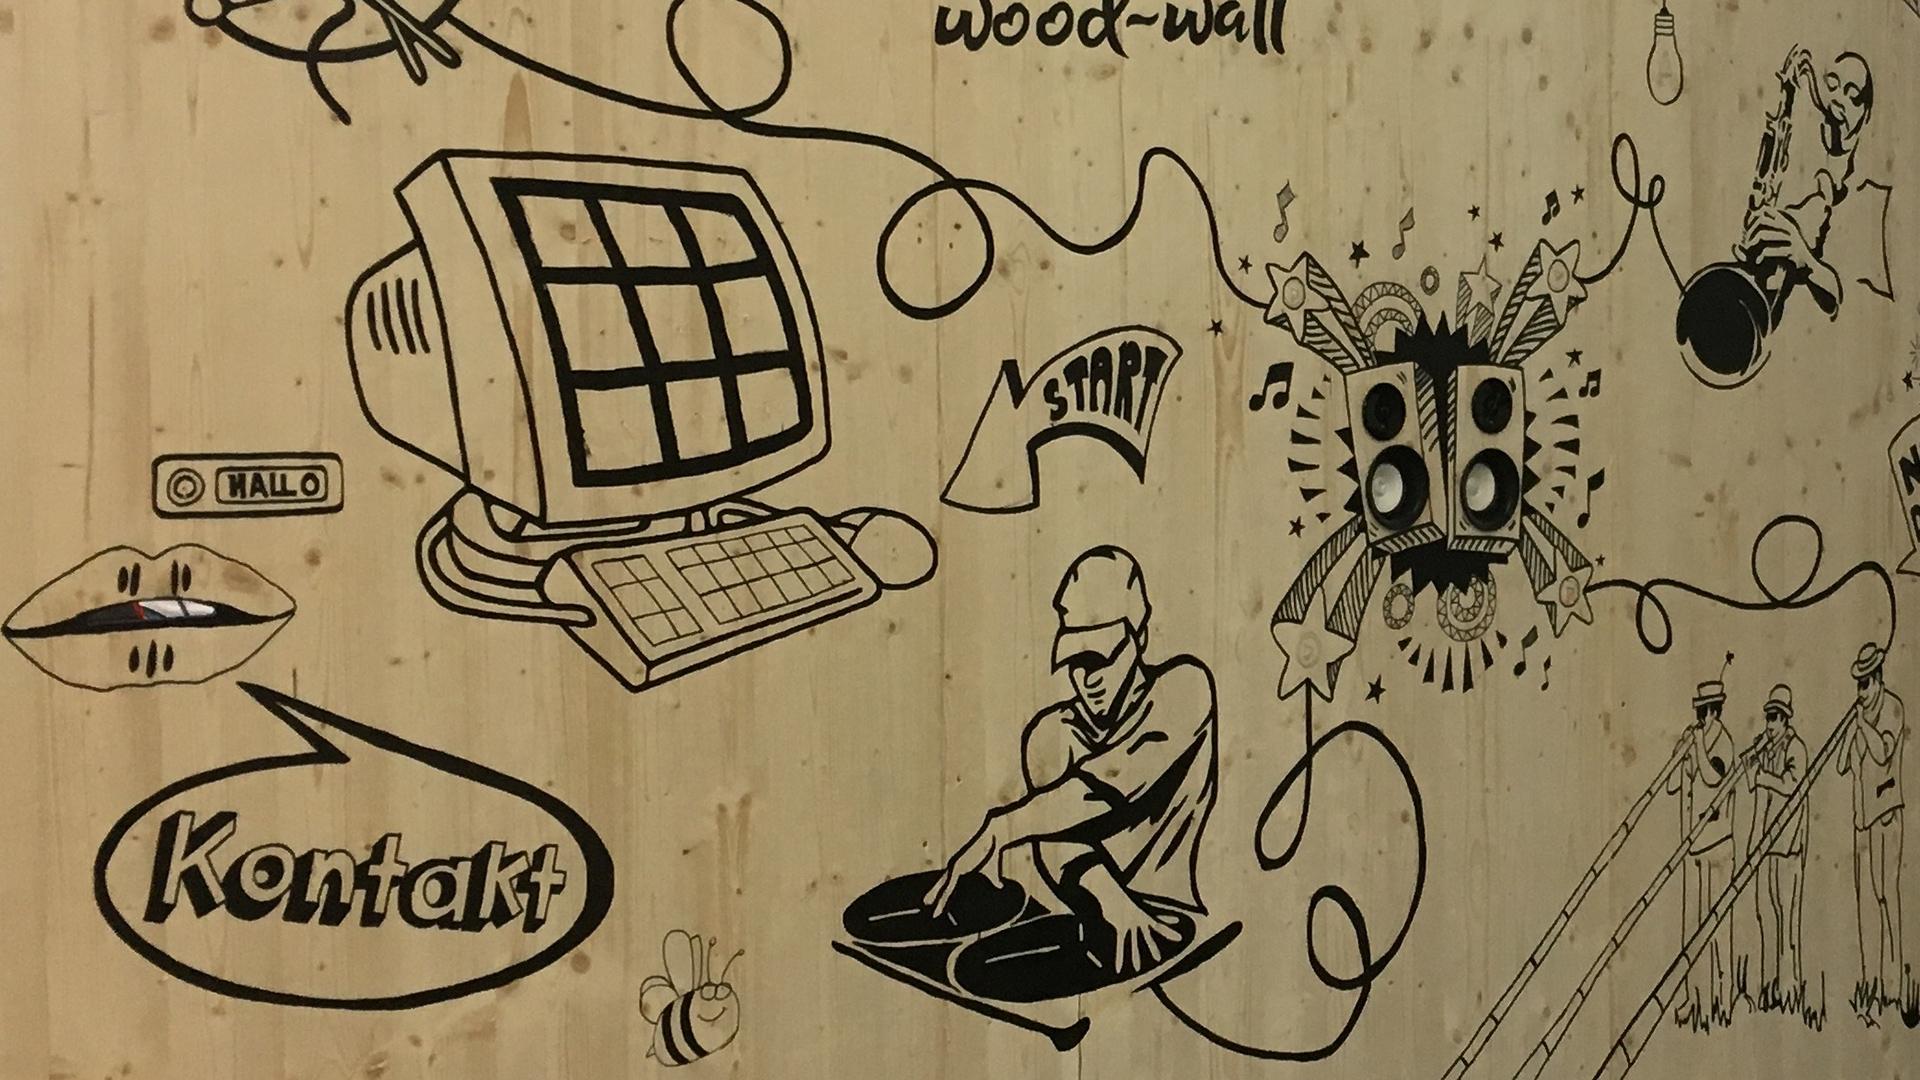 Bild 3 vom Touch-Wood-Wall